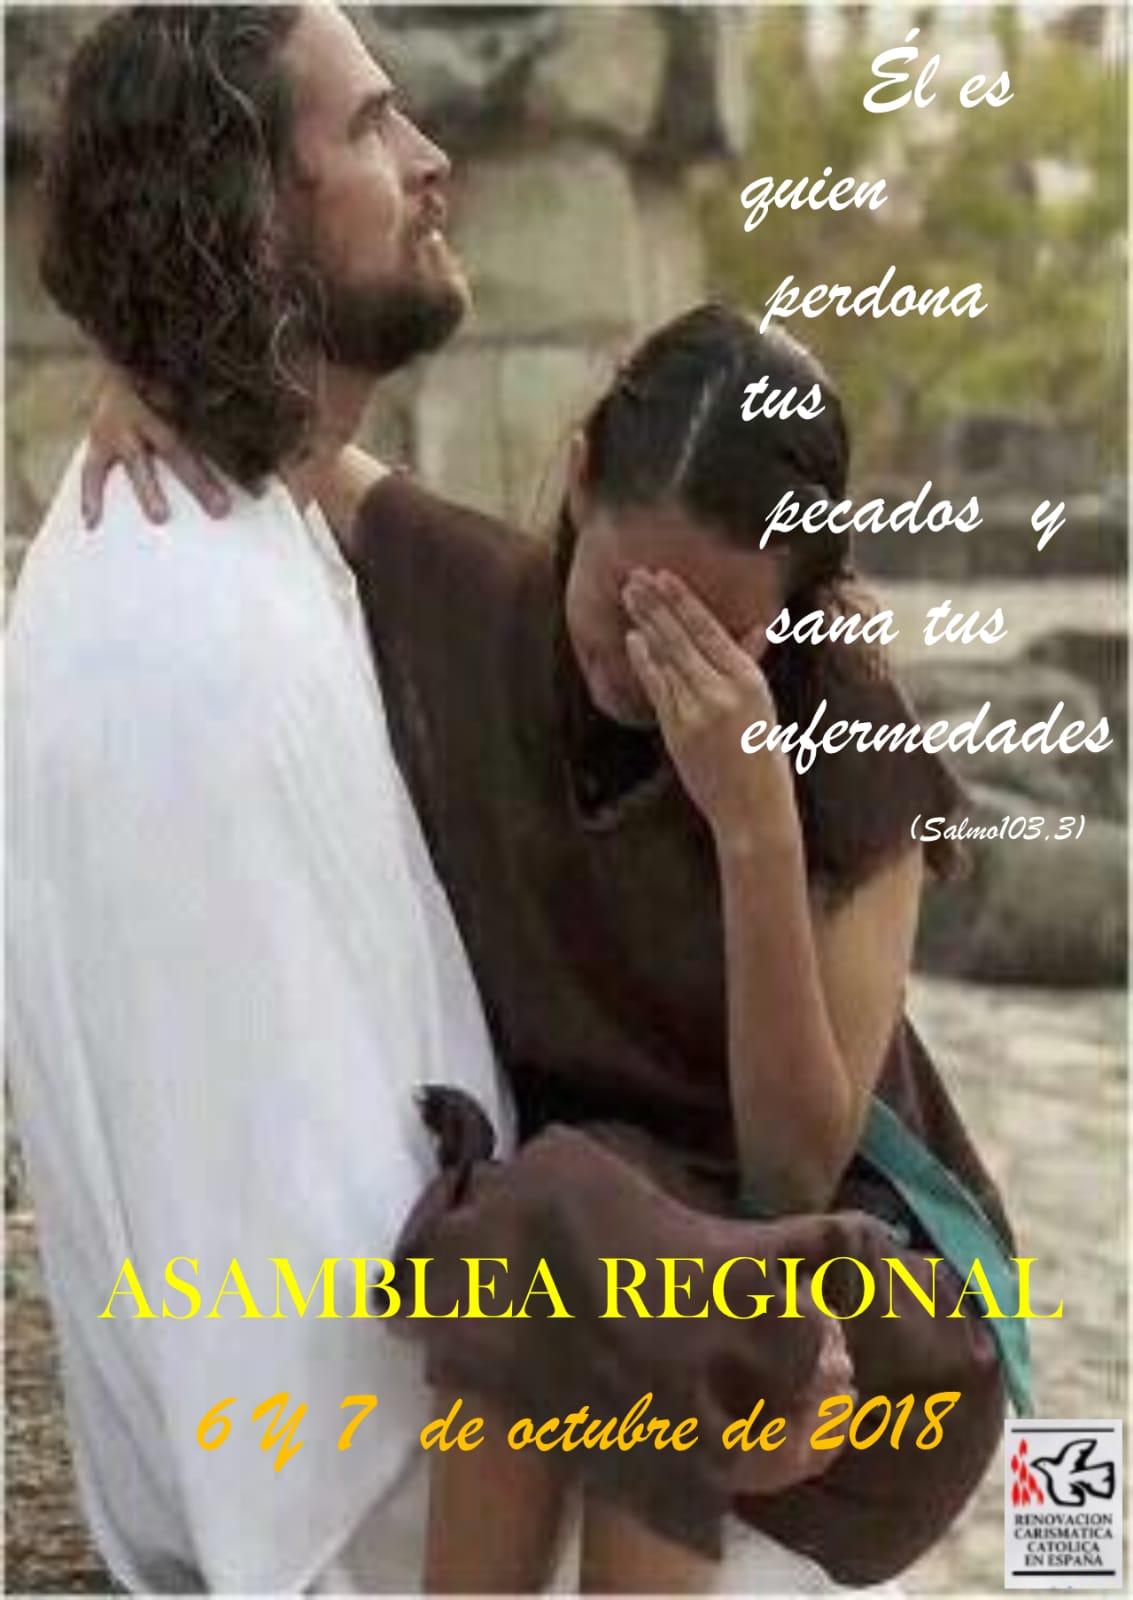 ASAMBLEA REGIONAL DE LA RENOVACIÓN CARISMÁTICA